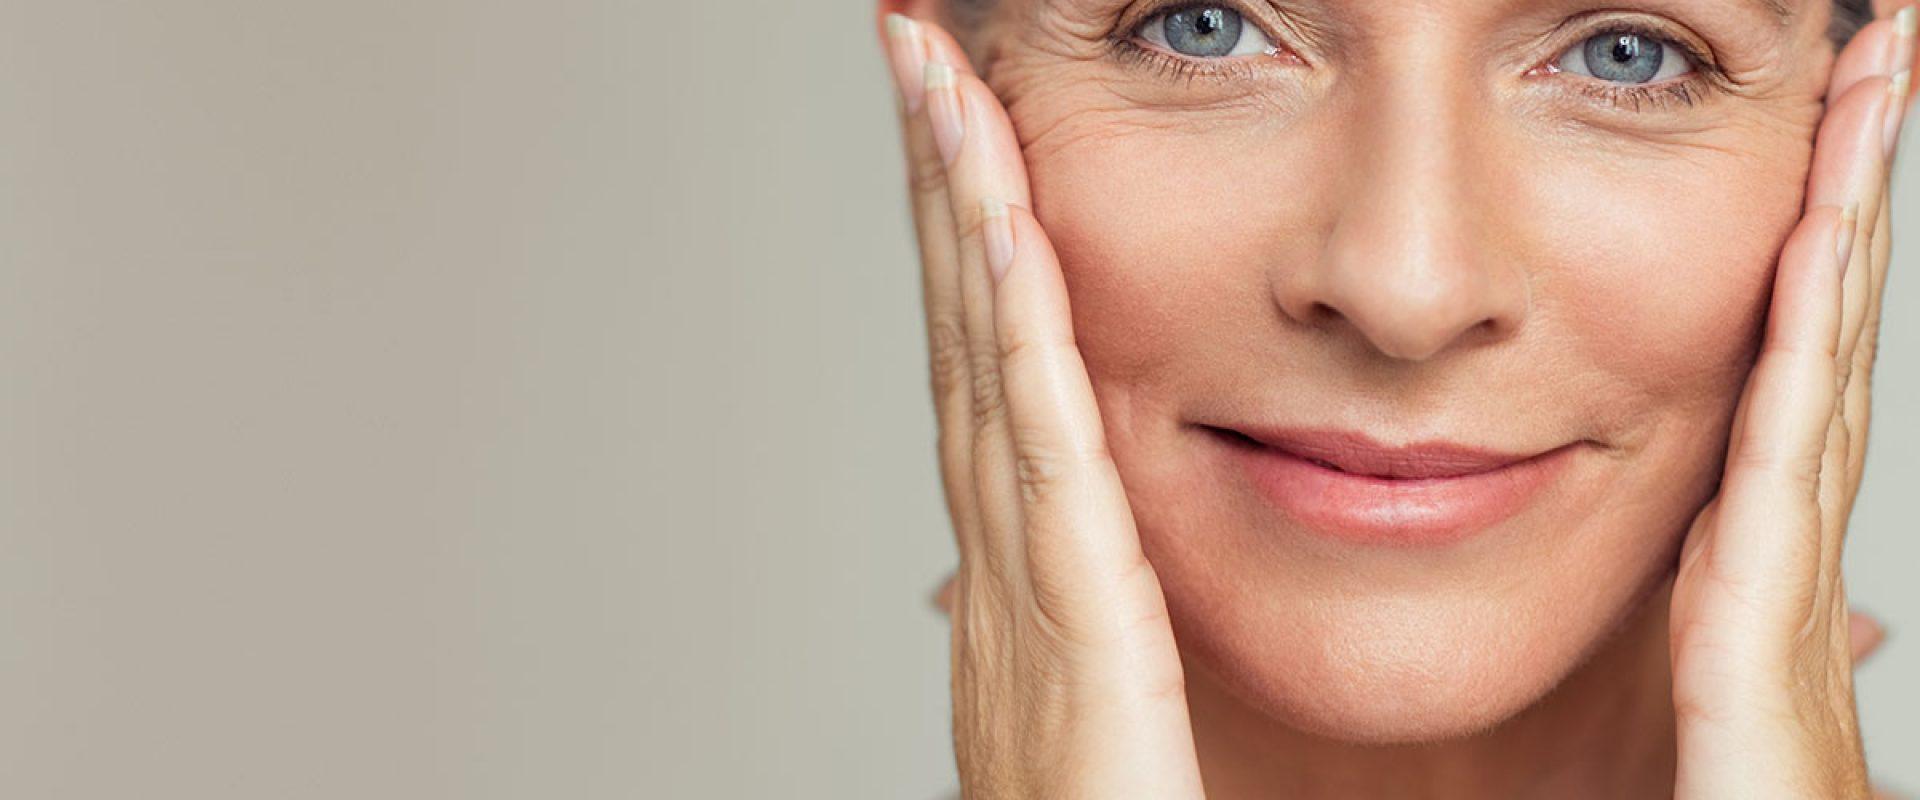 Injection d'acide hyaluronique pour le visage à paris - Dr Nguyen